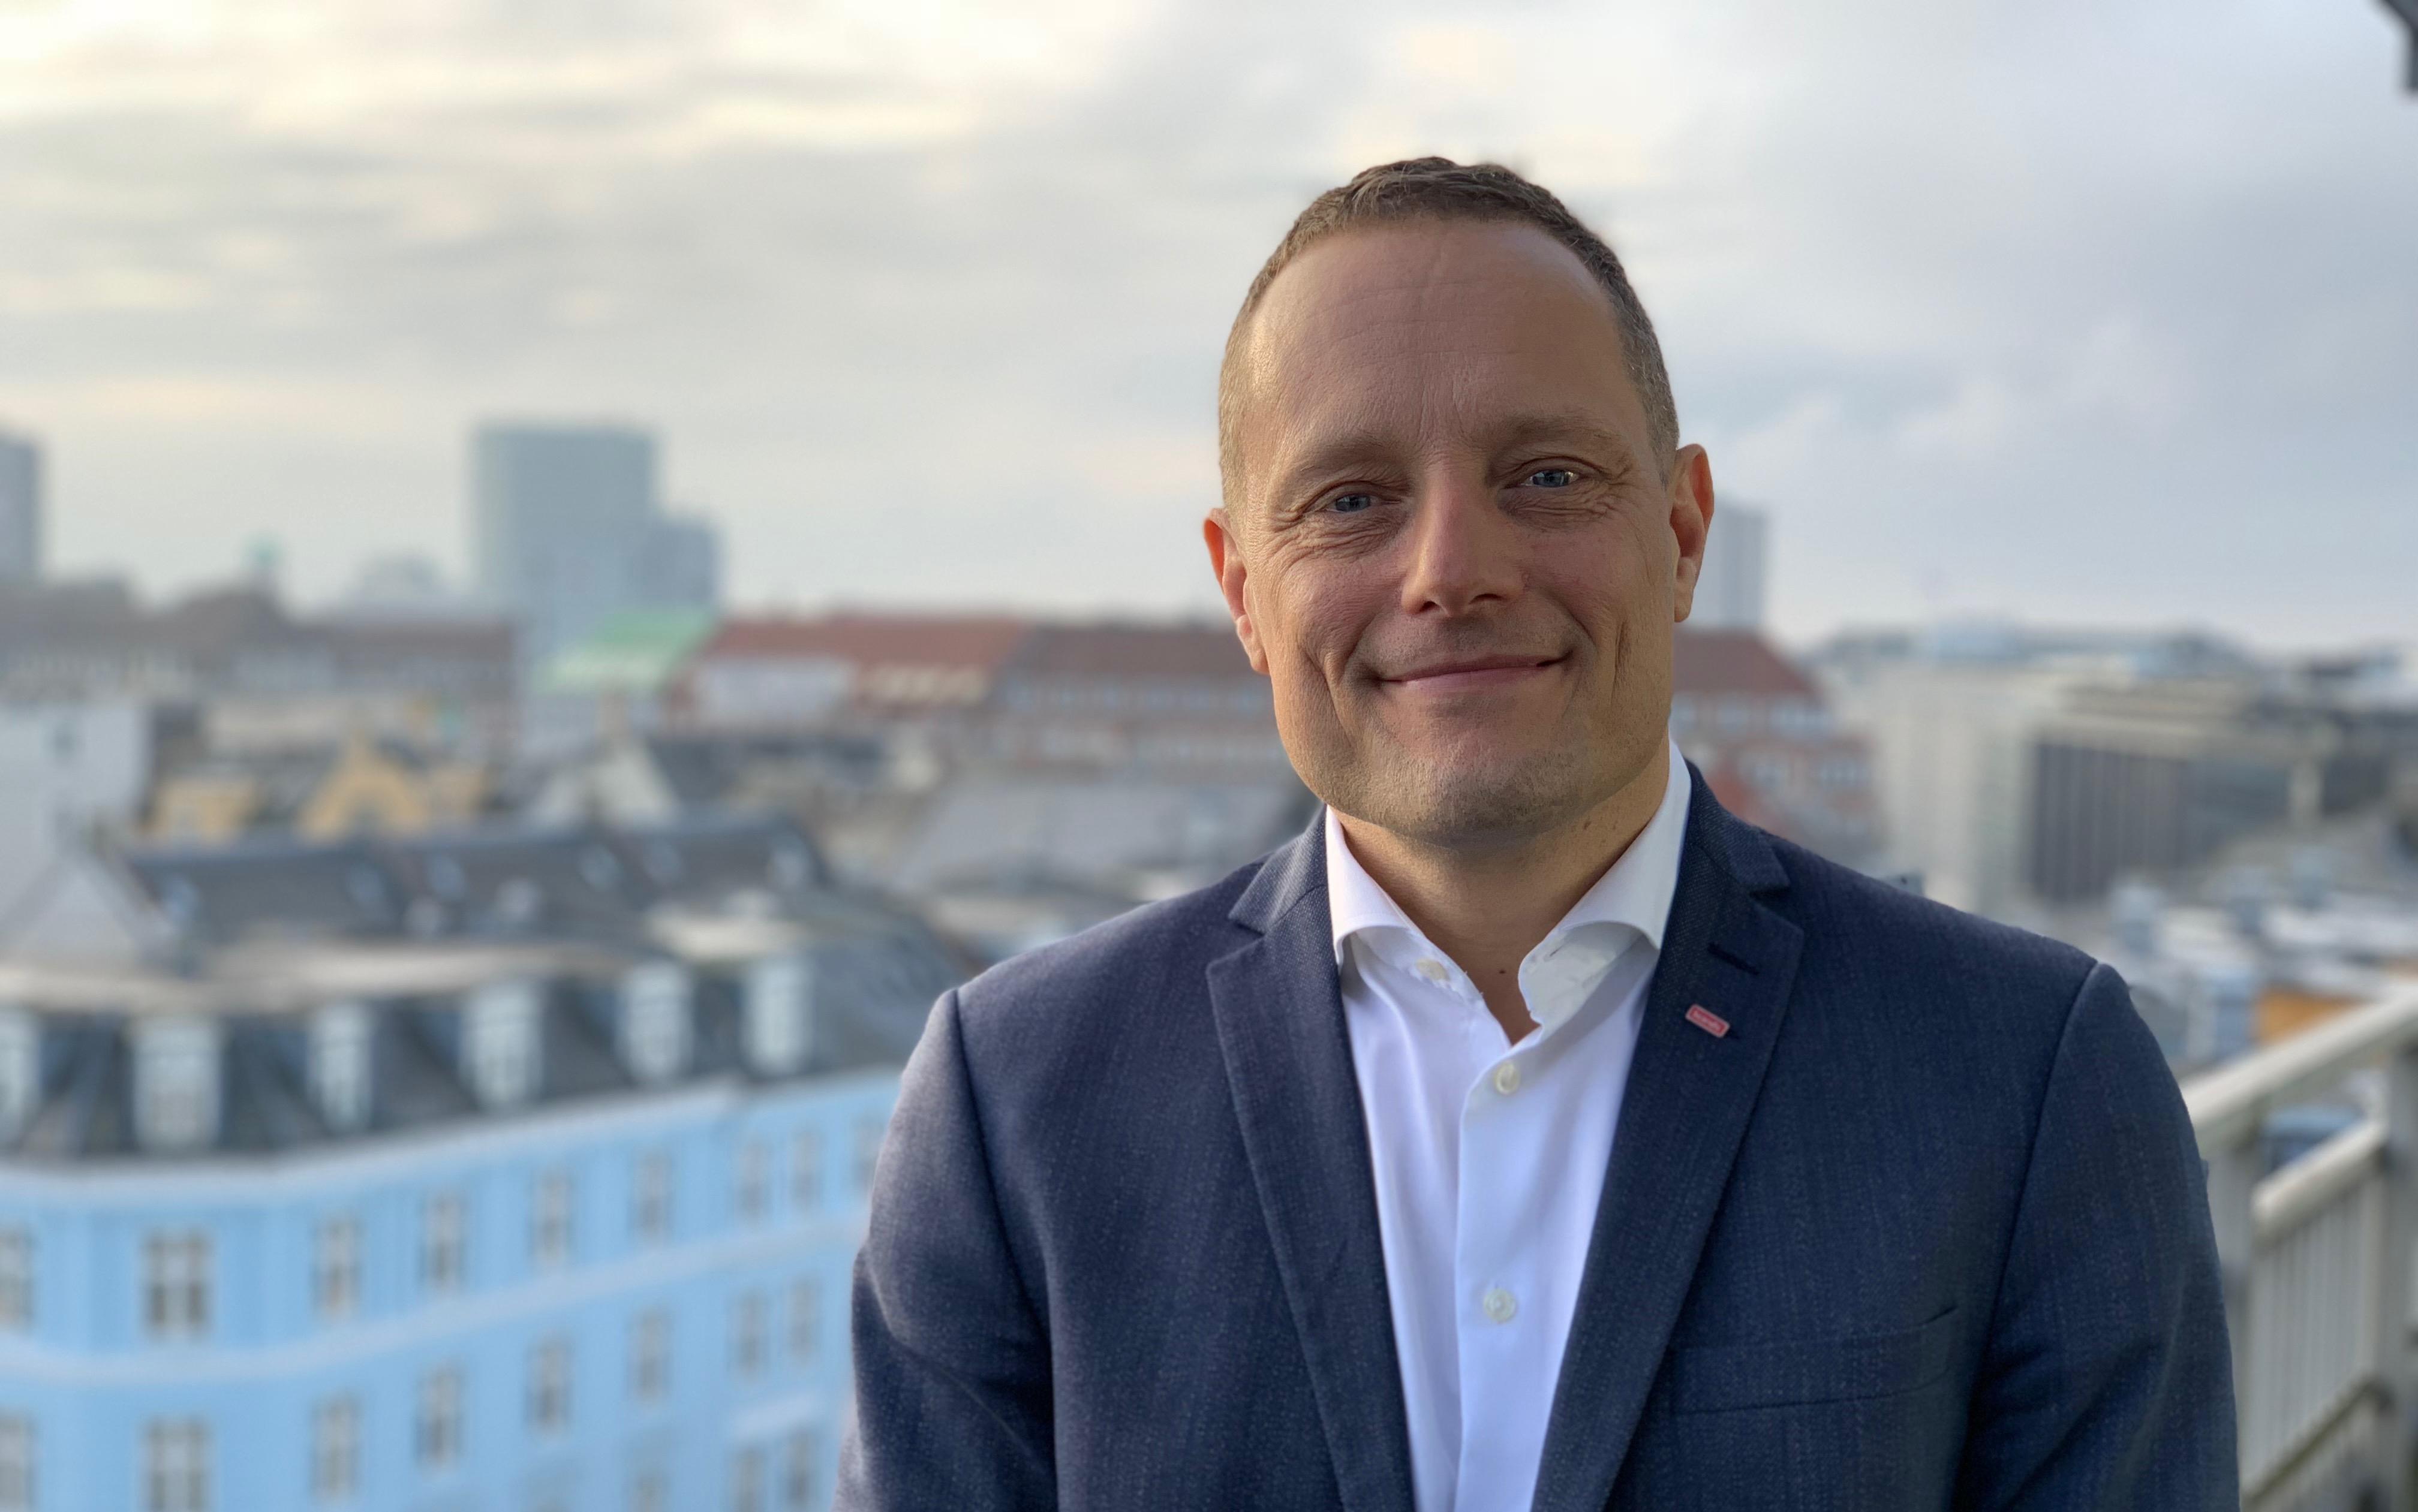 Søren Faerber er ny administrerende direktør for Scandic i Danmark, hvor han afløser Jens Mathiesen. Foto: DK Photo Express.